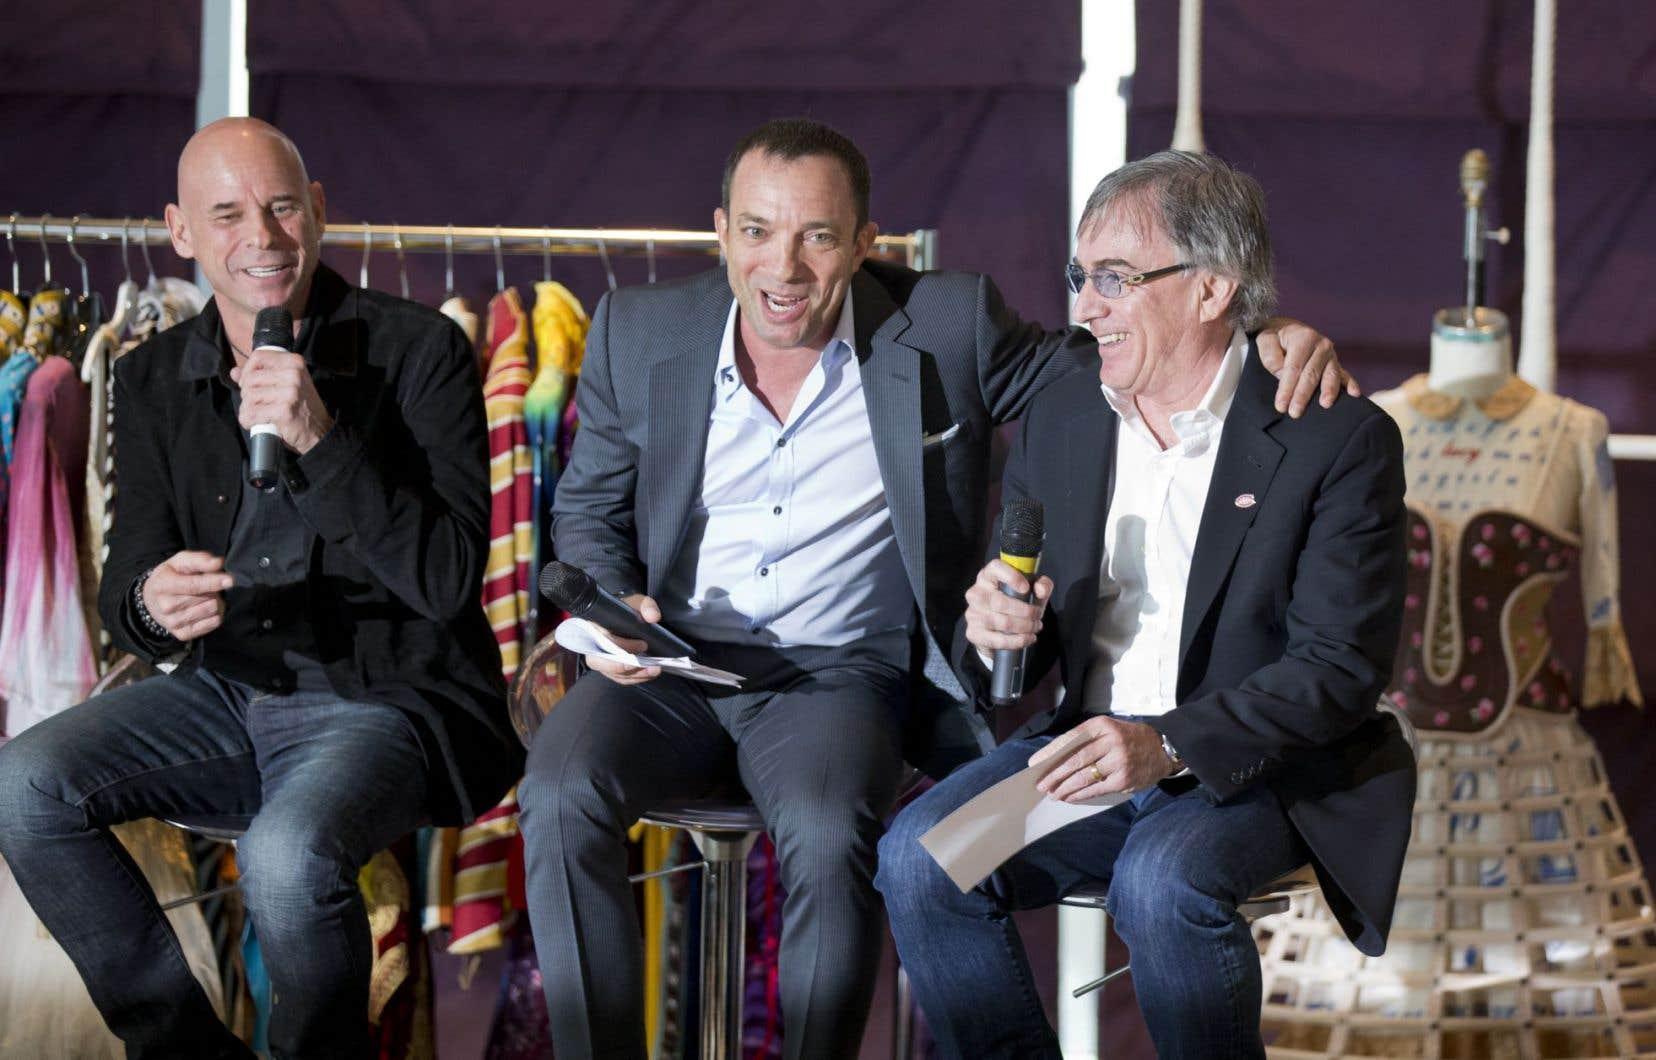 Le fondateur du Cirque du Soleil, Guy Laliberté, le nouveau président du CA de la société, l'homme d'affaires québécois Mitch Garber, et le président du Cirque du Soleil depuis 2001, Daniel Lamarre